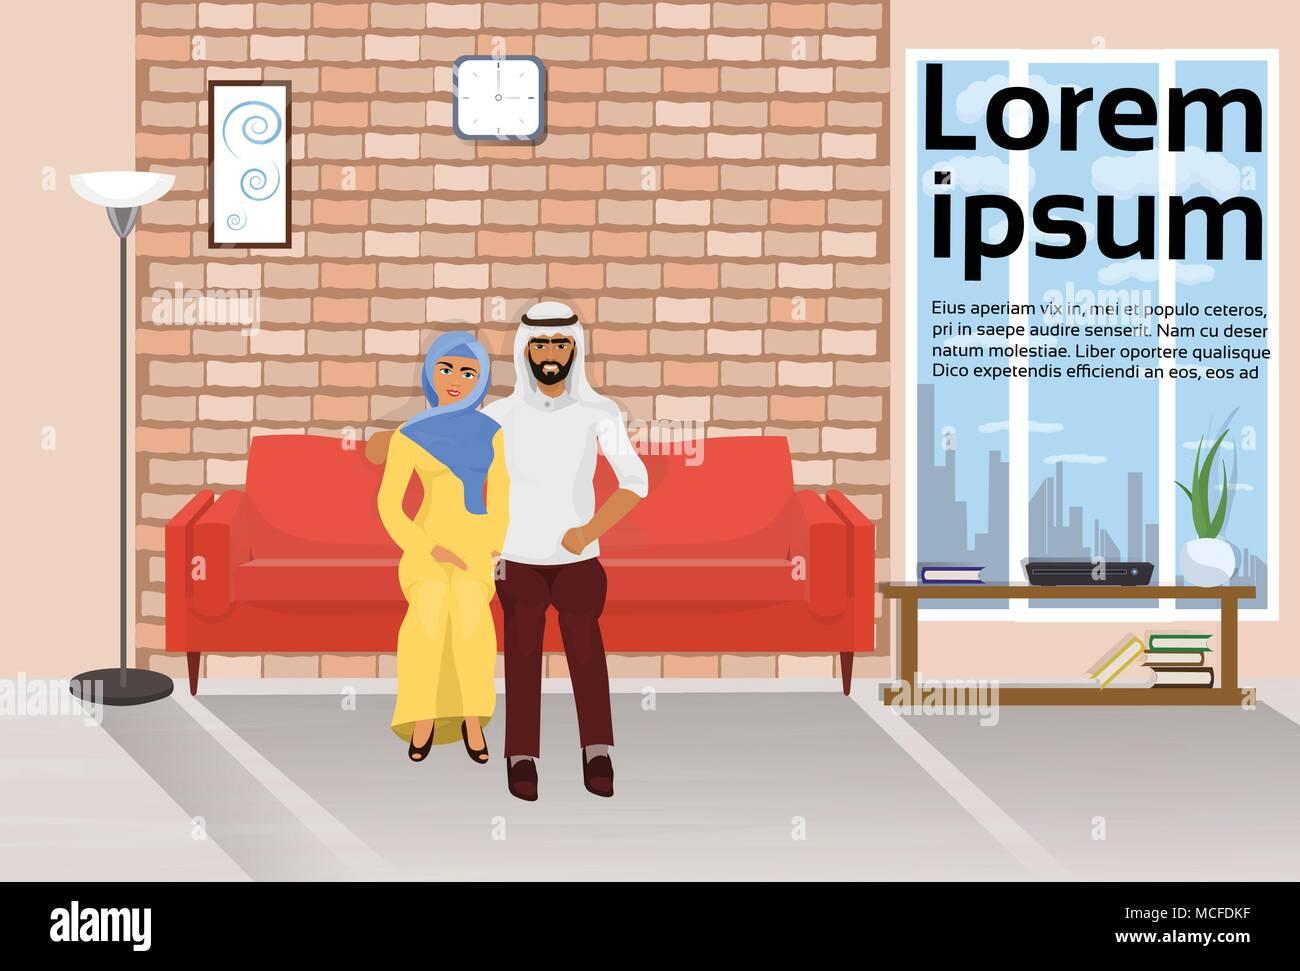 Moderne Loft Wohnzimmer Einrichtung Mit Arabischen Paar Auf Der